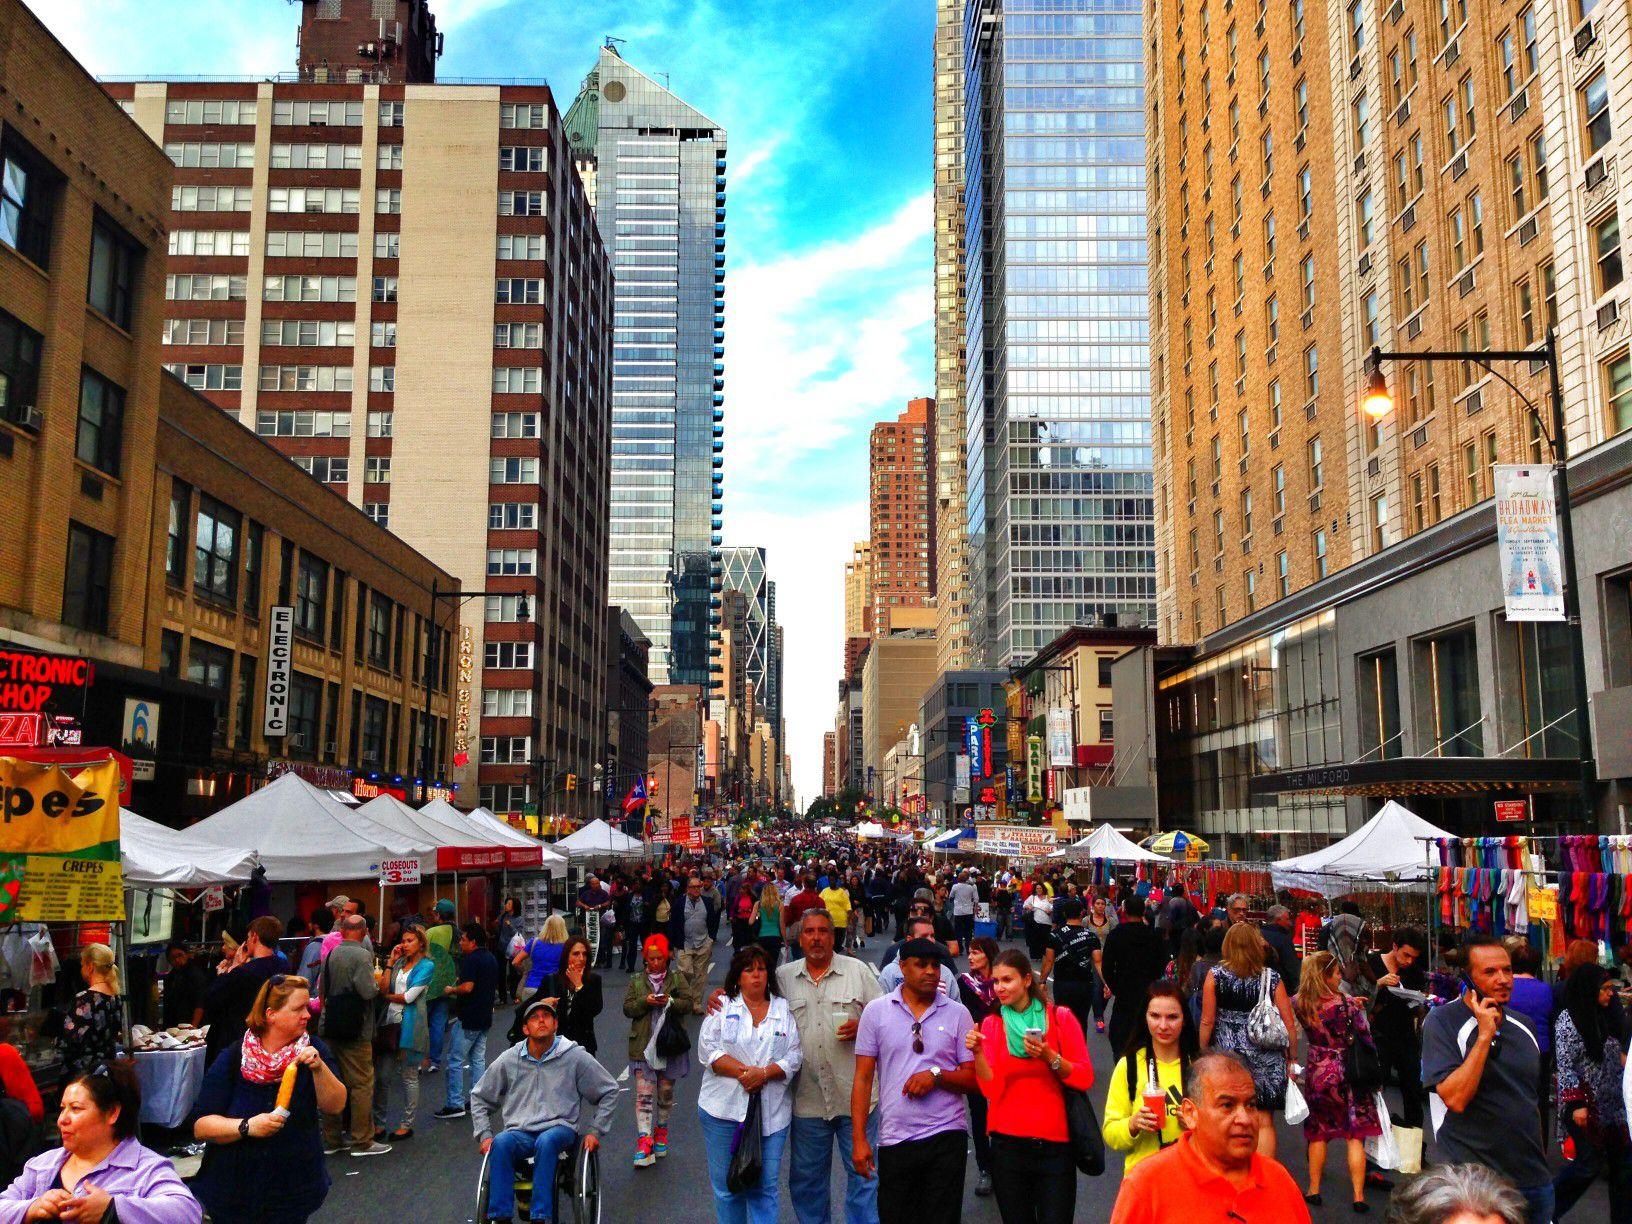 Upper West Side Street Fair 2020.New York Street Fair Contact Information